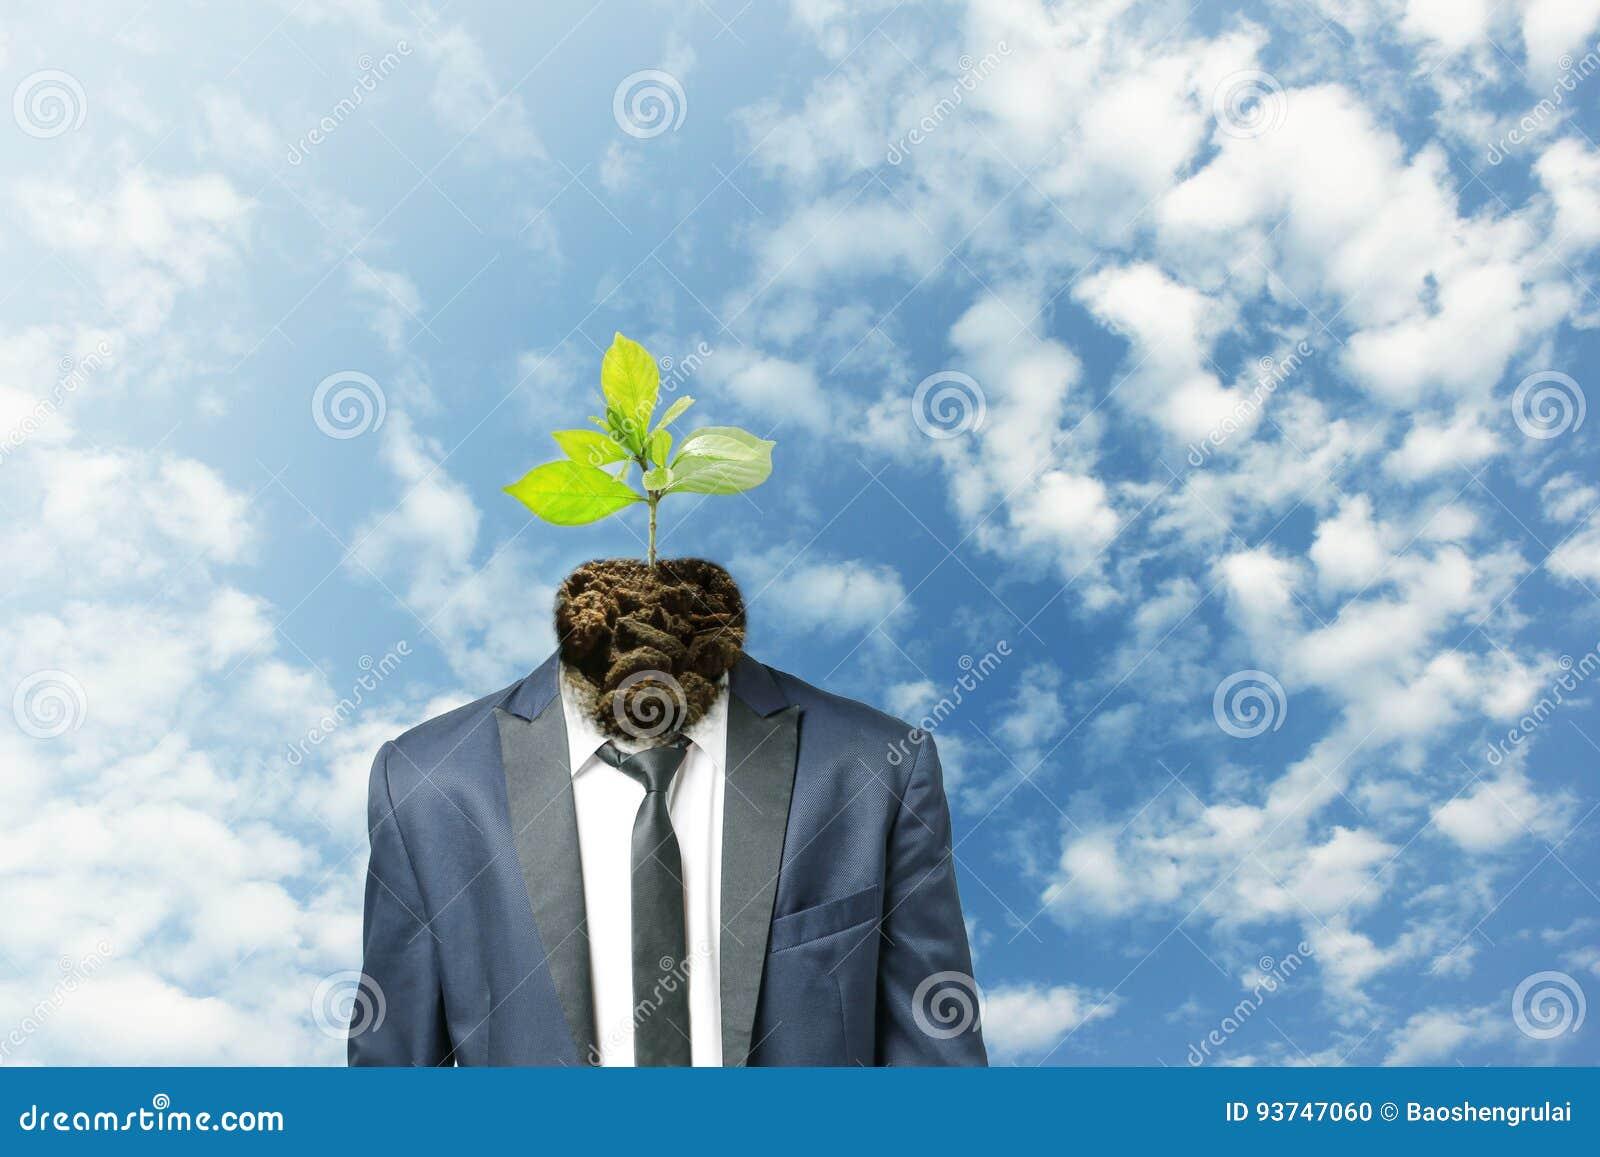 Ενισχύστε τη συνειδητοποίηση της προστασίας του περιβάλλοντος